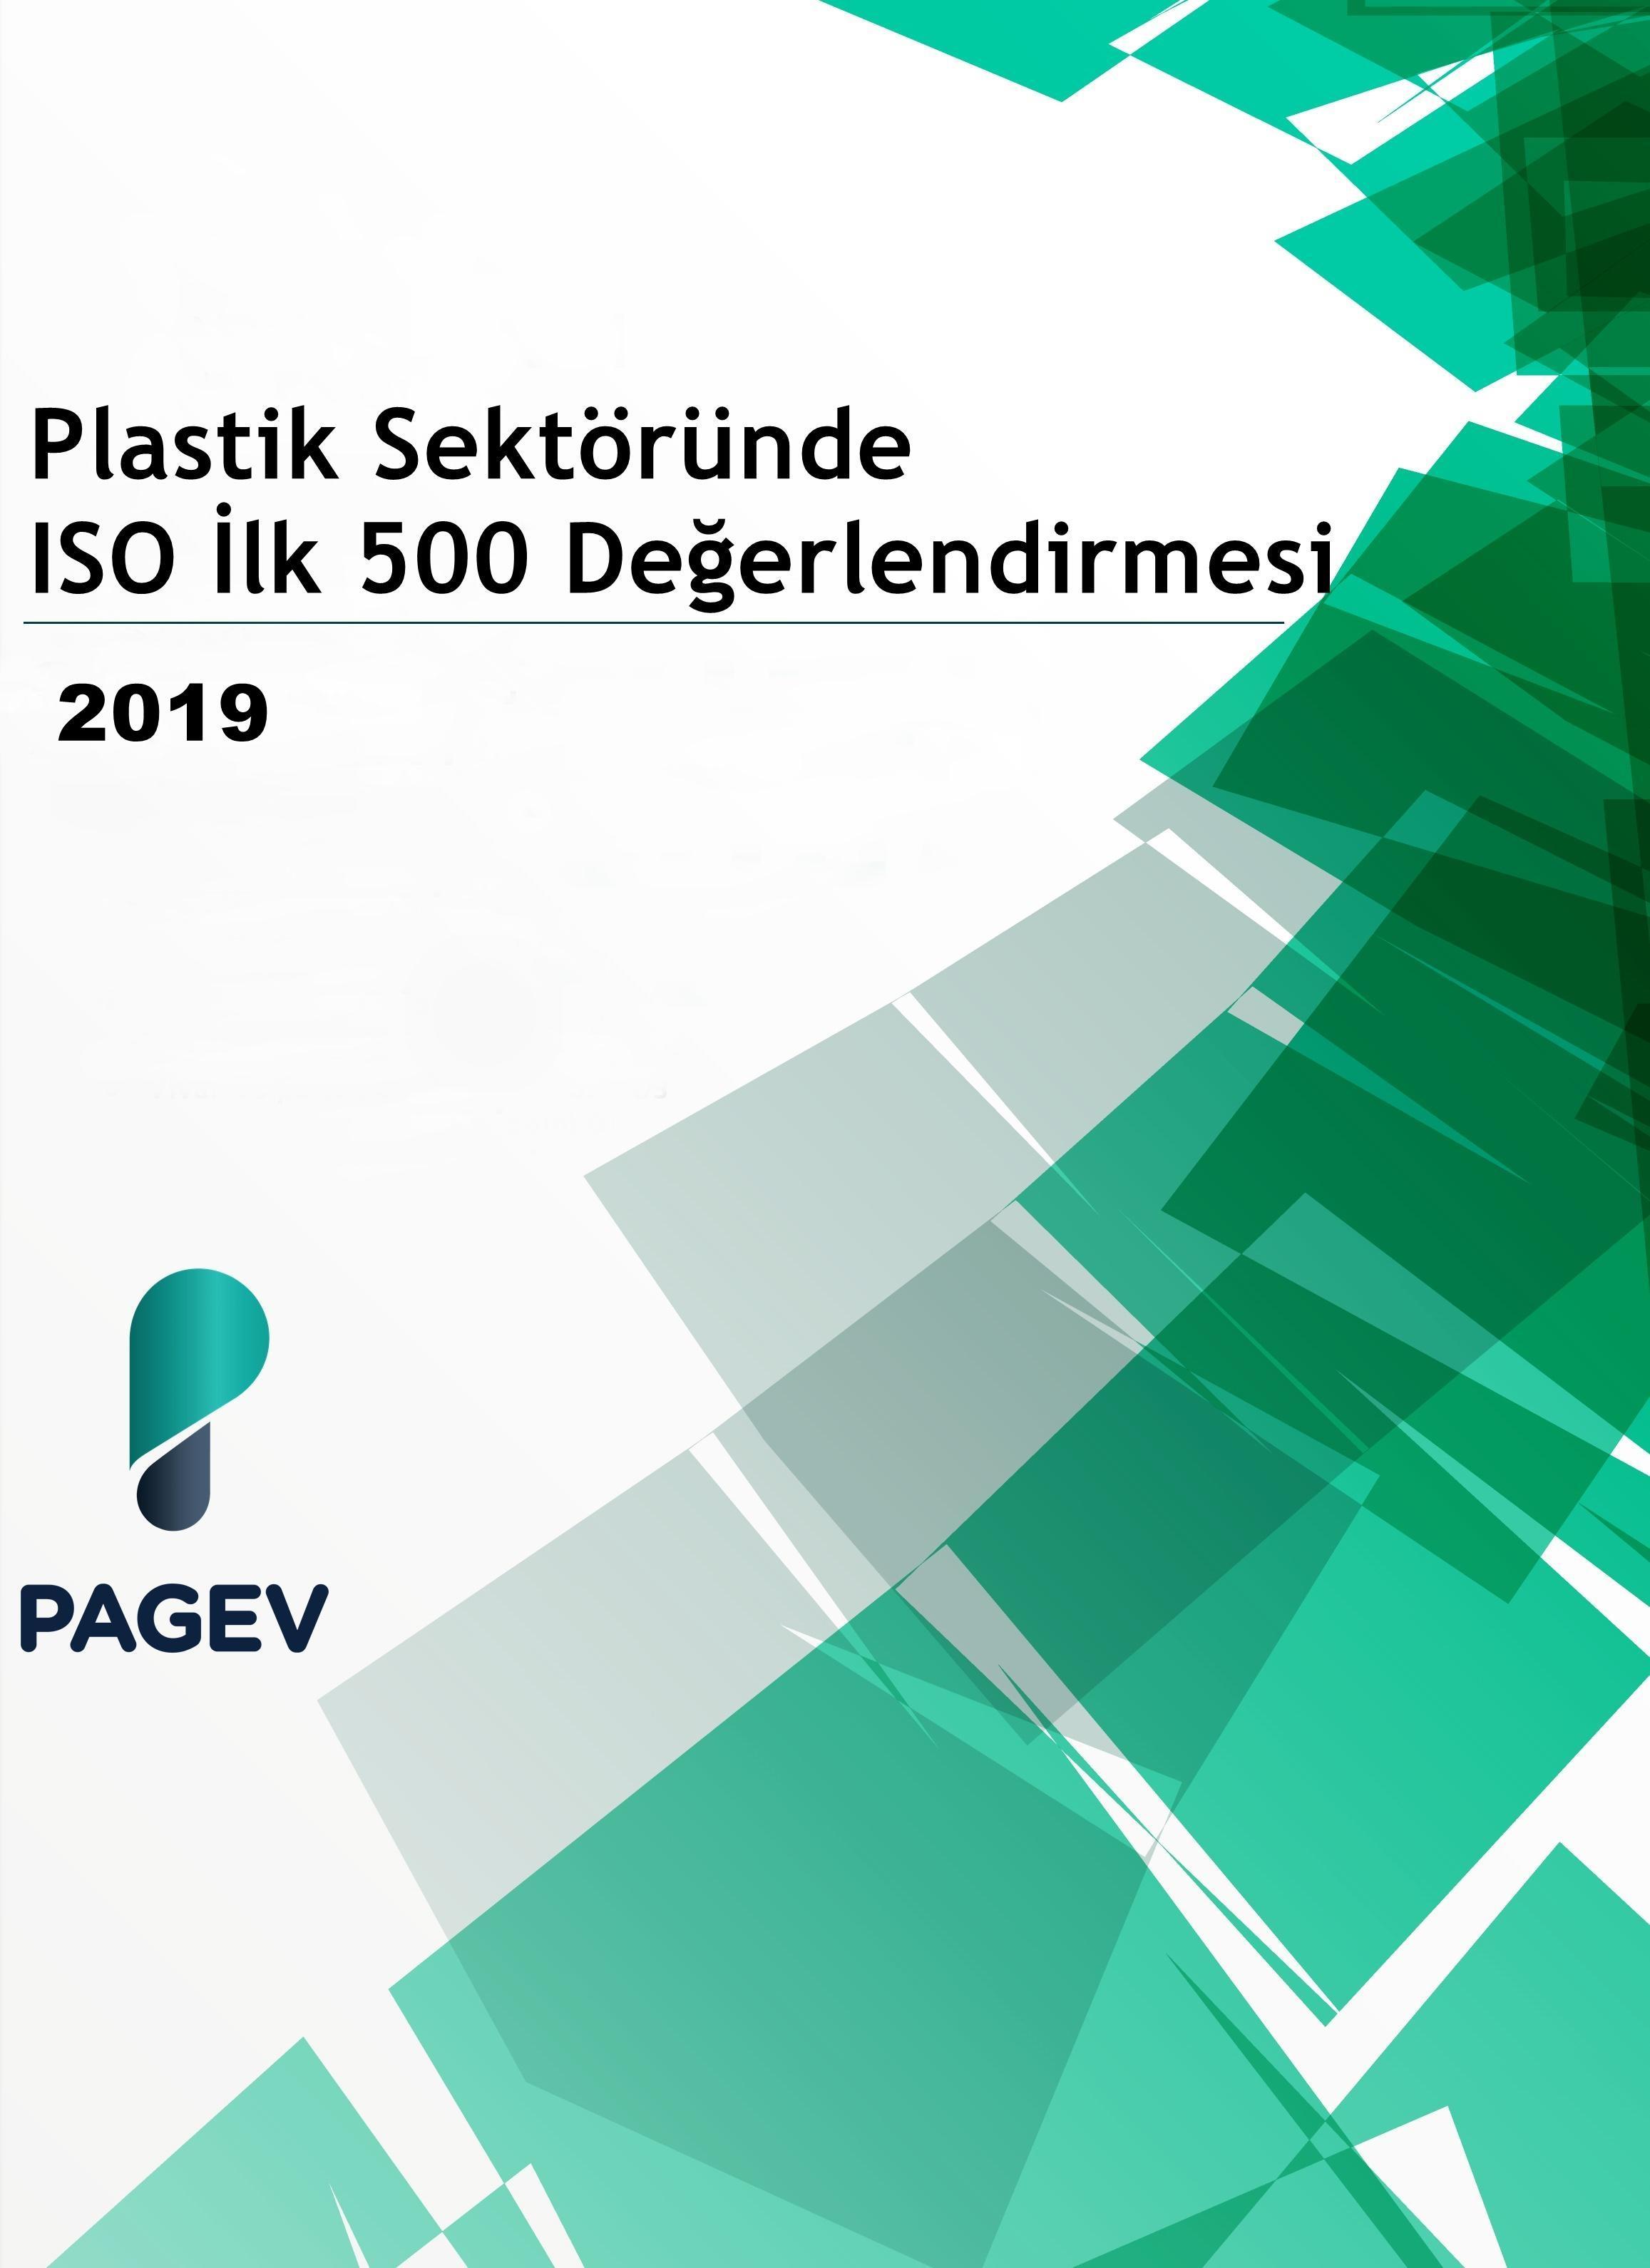 Plastik Sektöründe İSO İlk 500 Firma Değerlendirmesi-2019